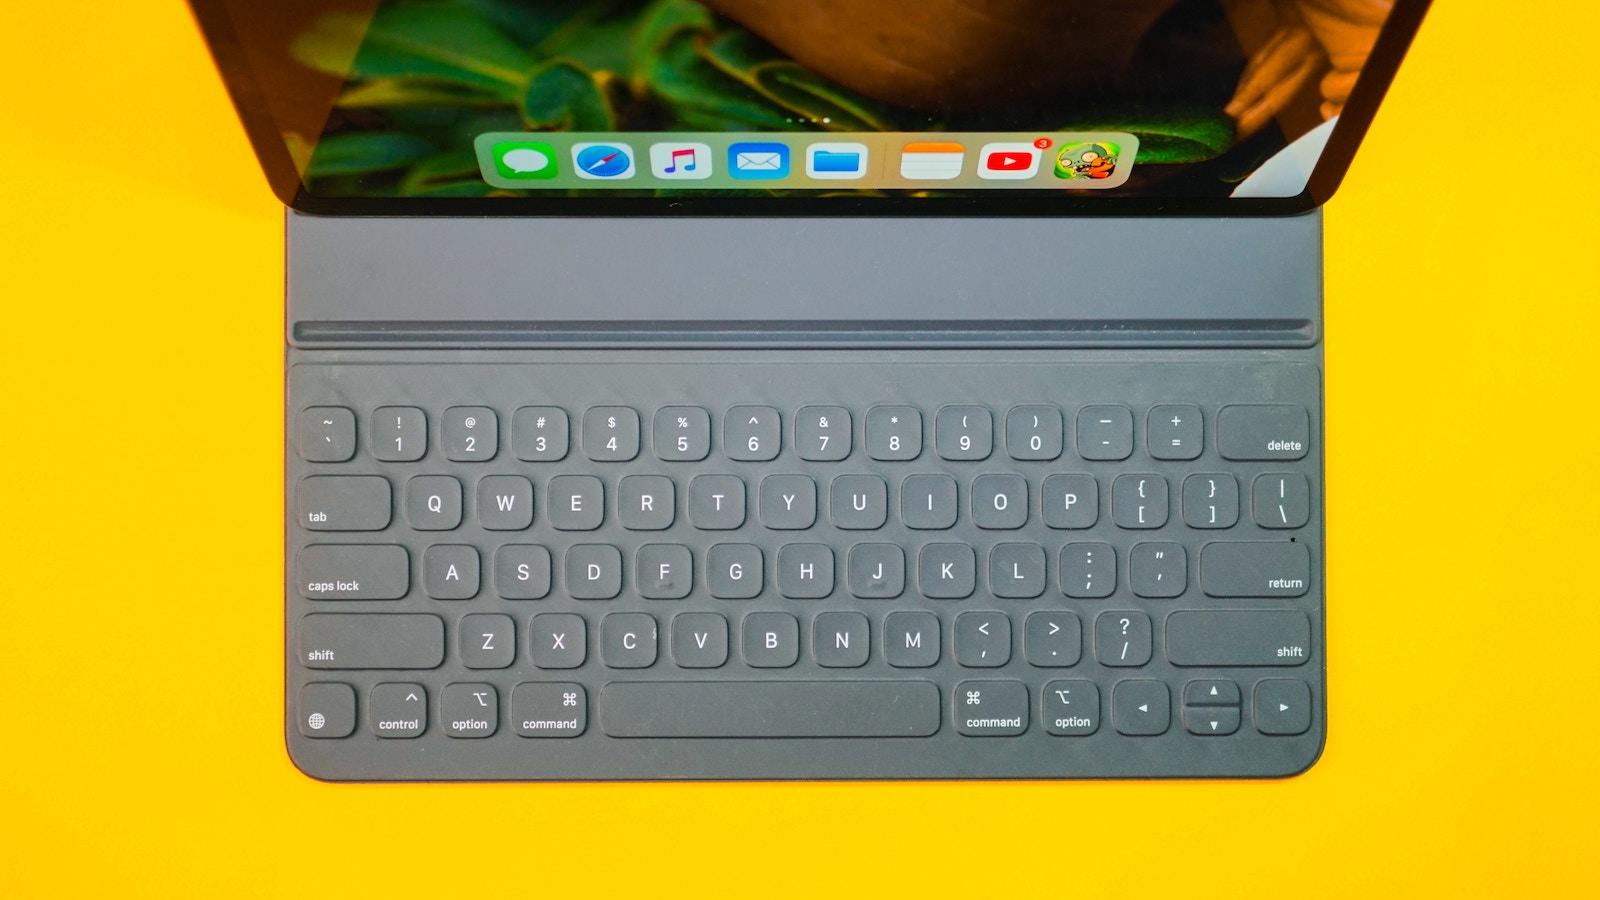 Dhe haivan T46pmAGHLlI unsplash ipad and smart keyboard